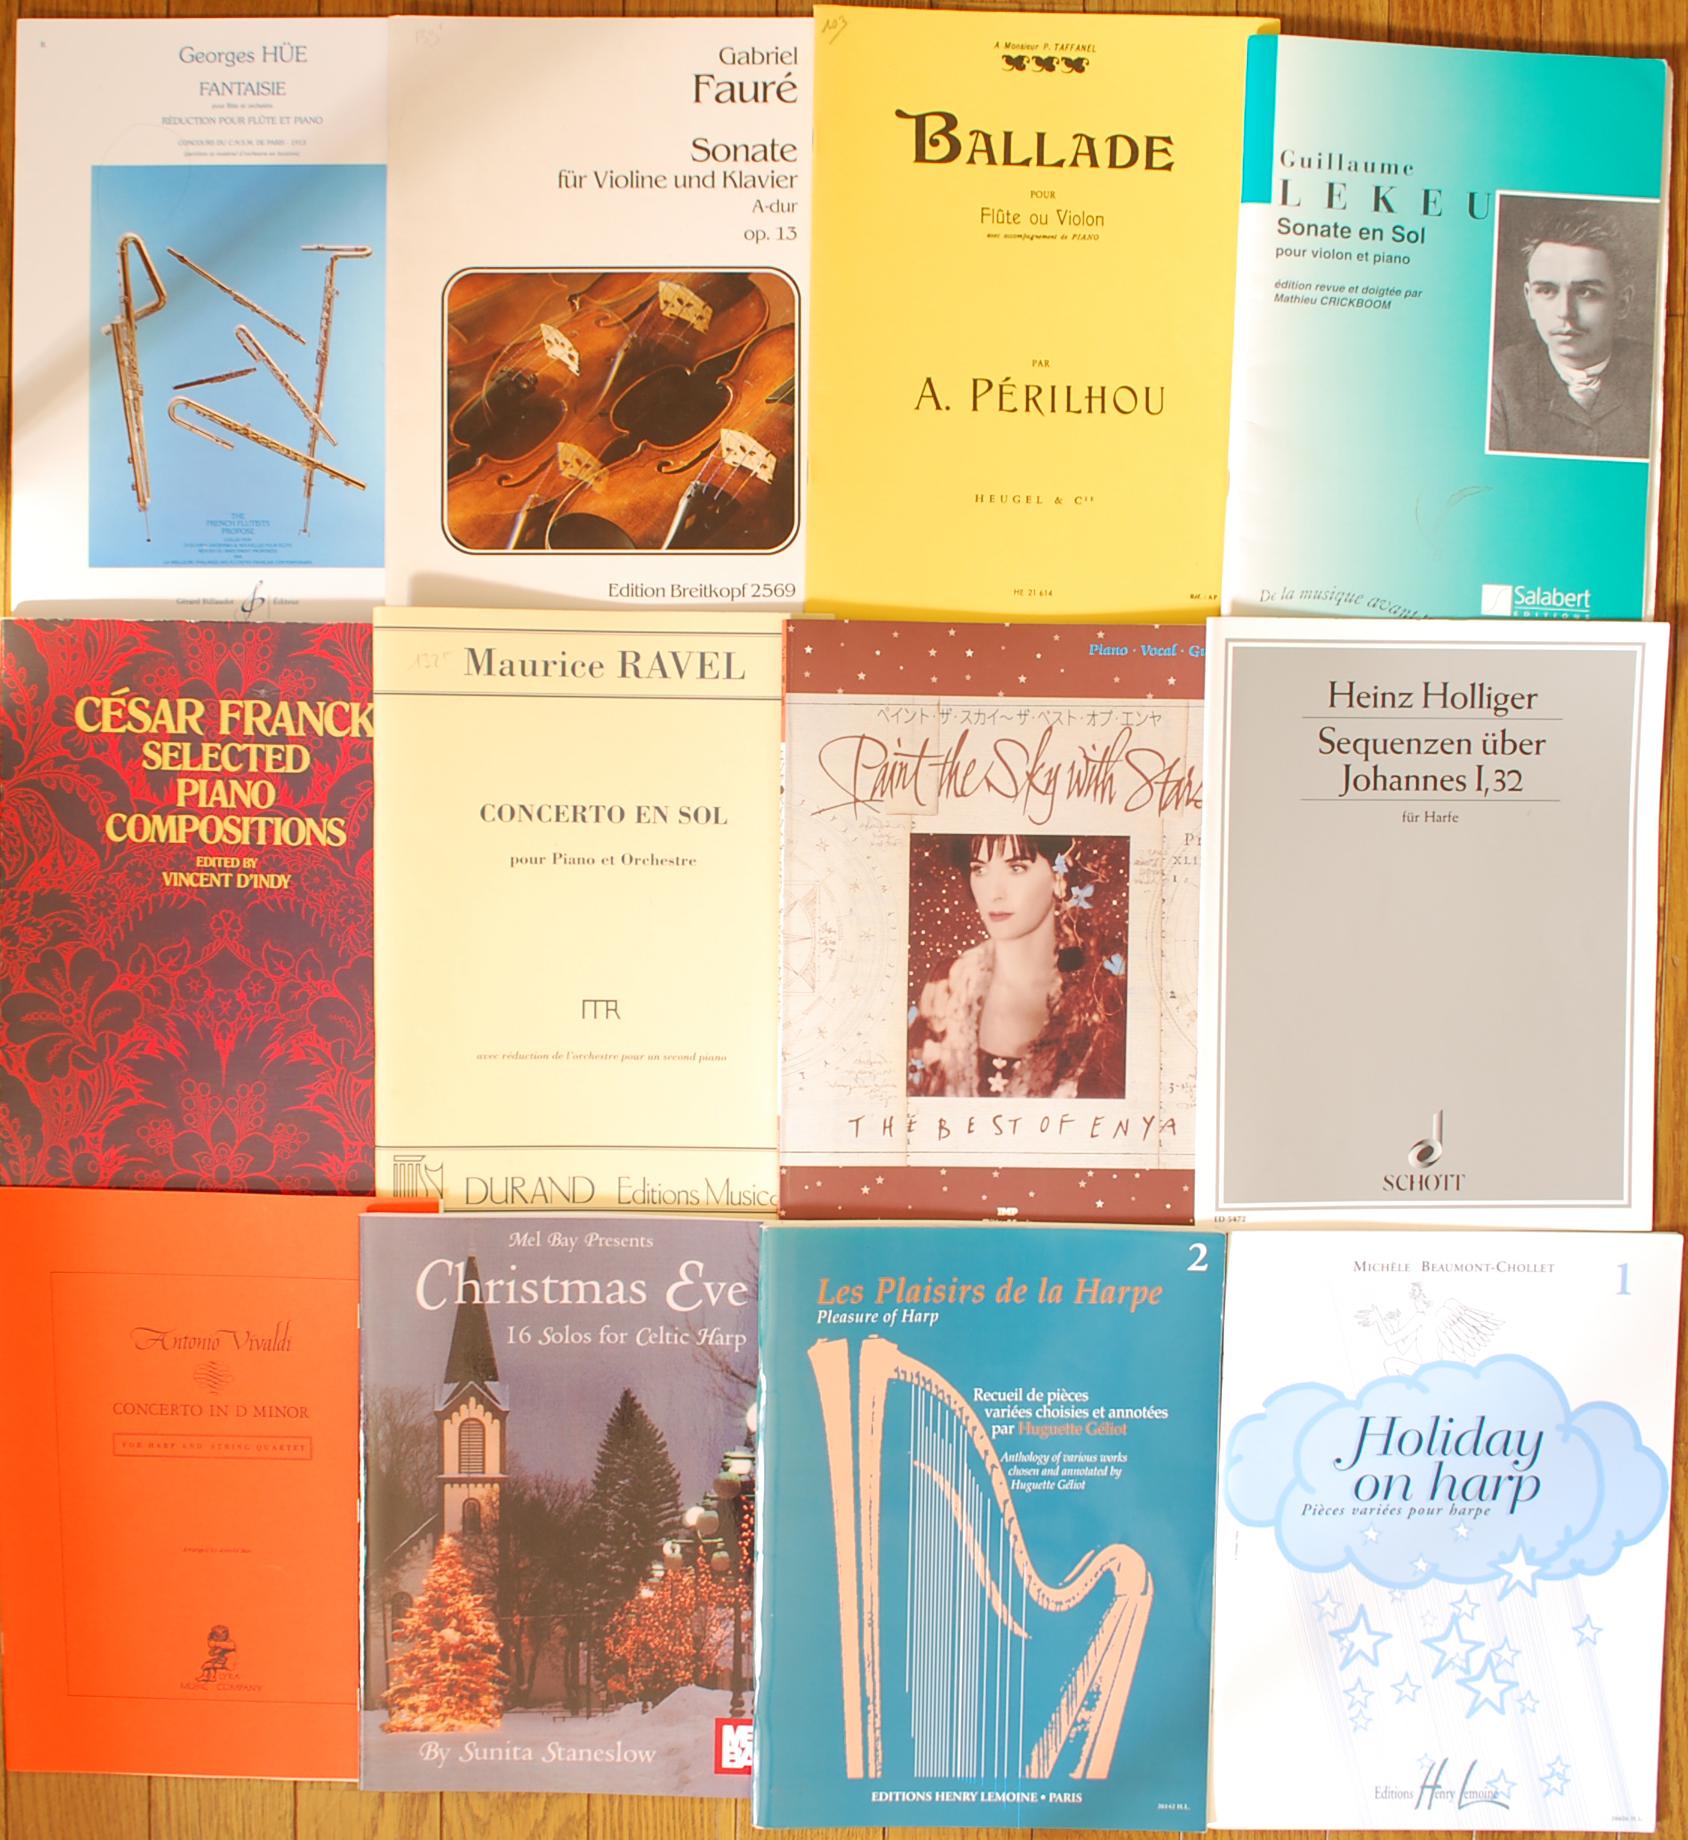 ヴィヴァルディ、ペリルー、フォーレ、ベートーヴェンなど楽譜スコア買取